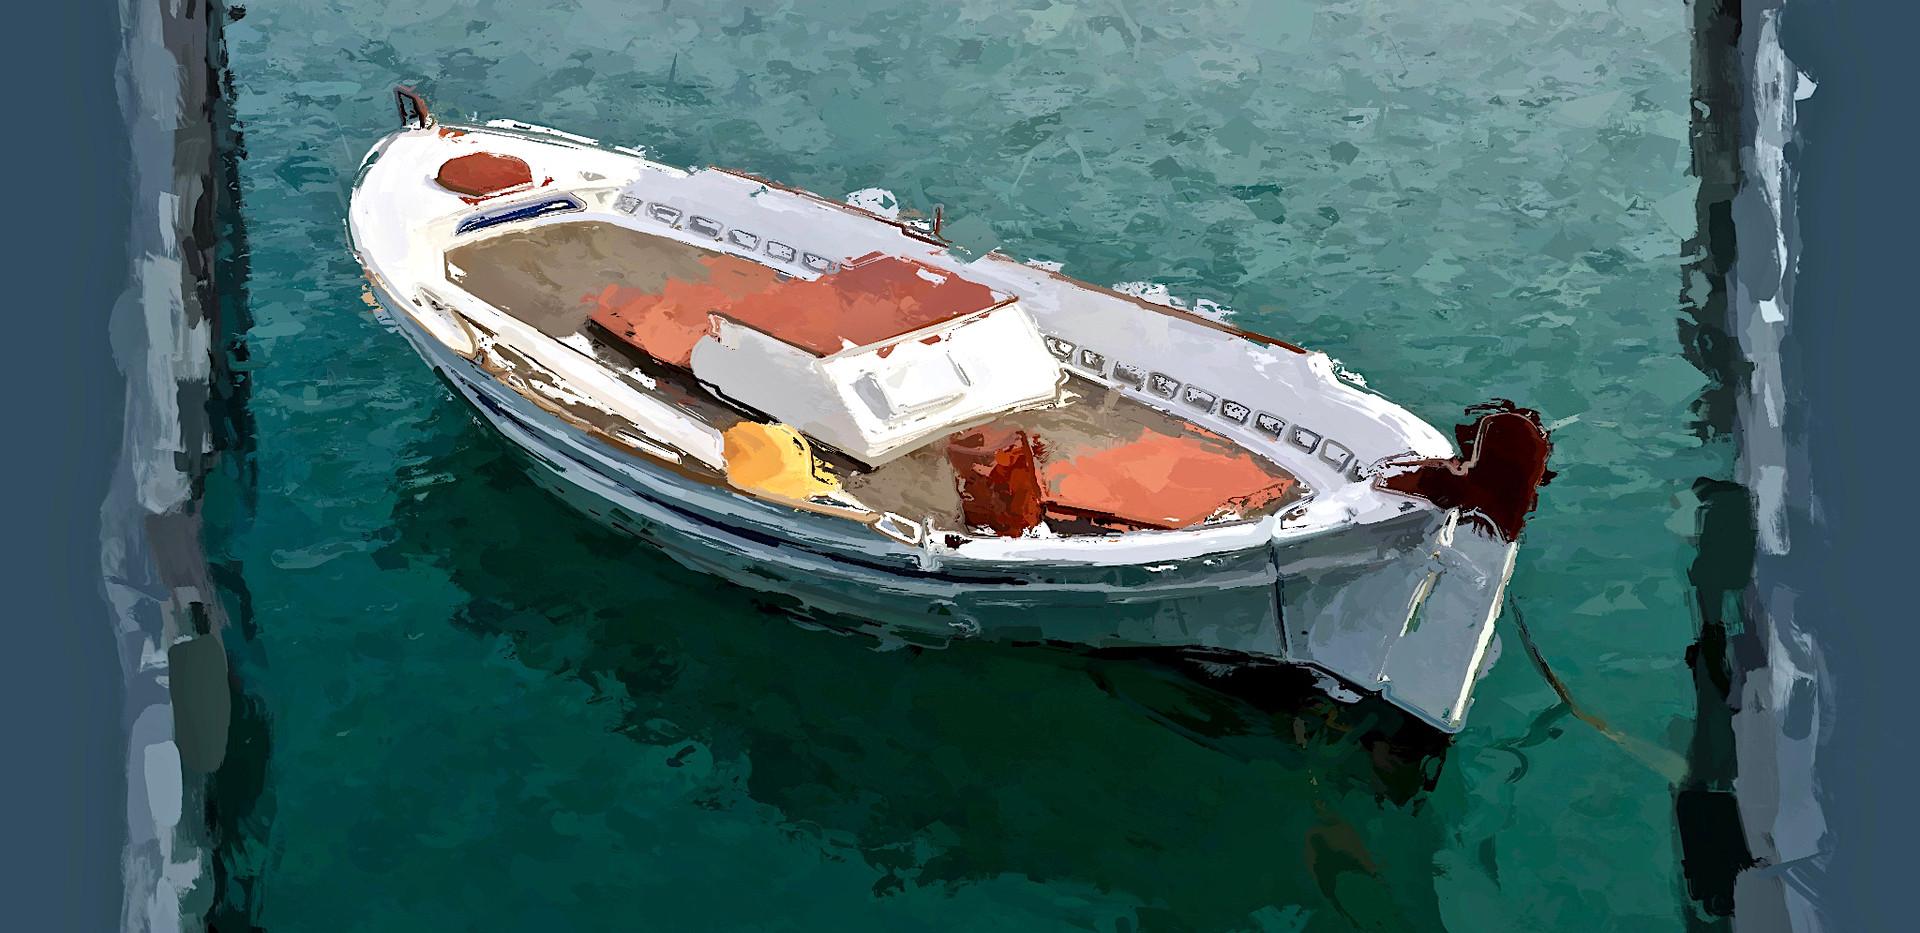 Nafplia Boats #3.jpg